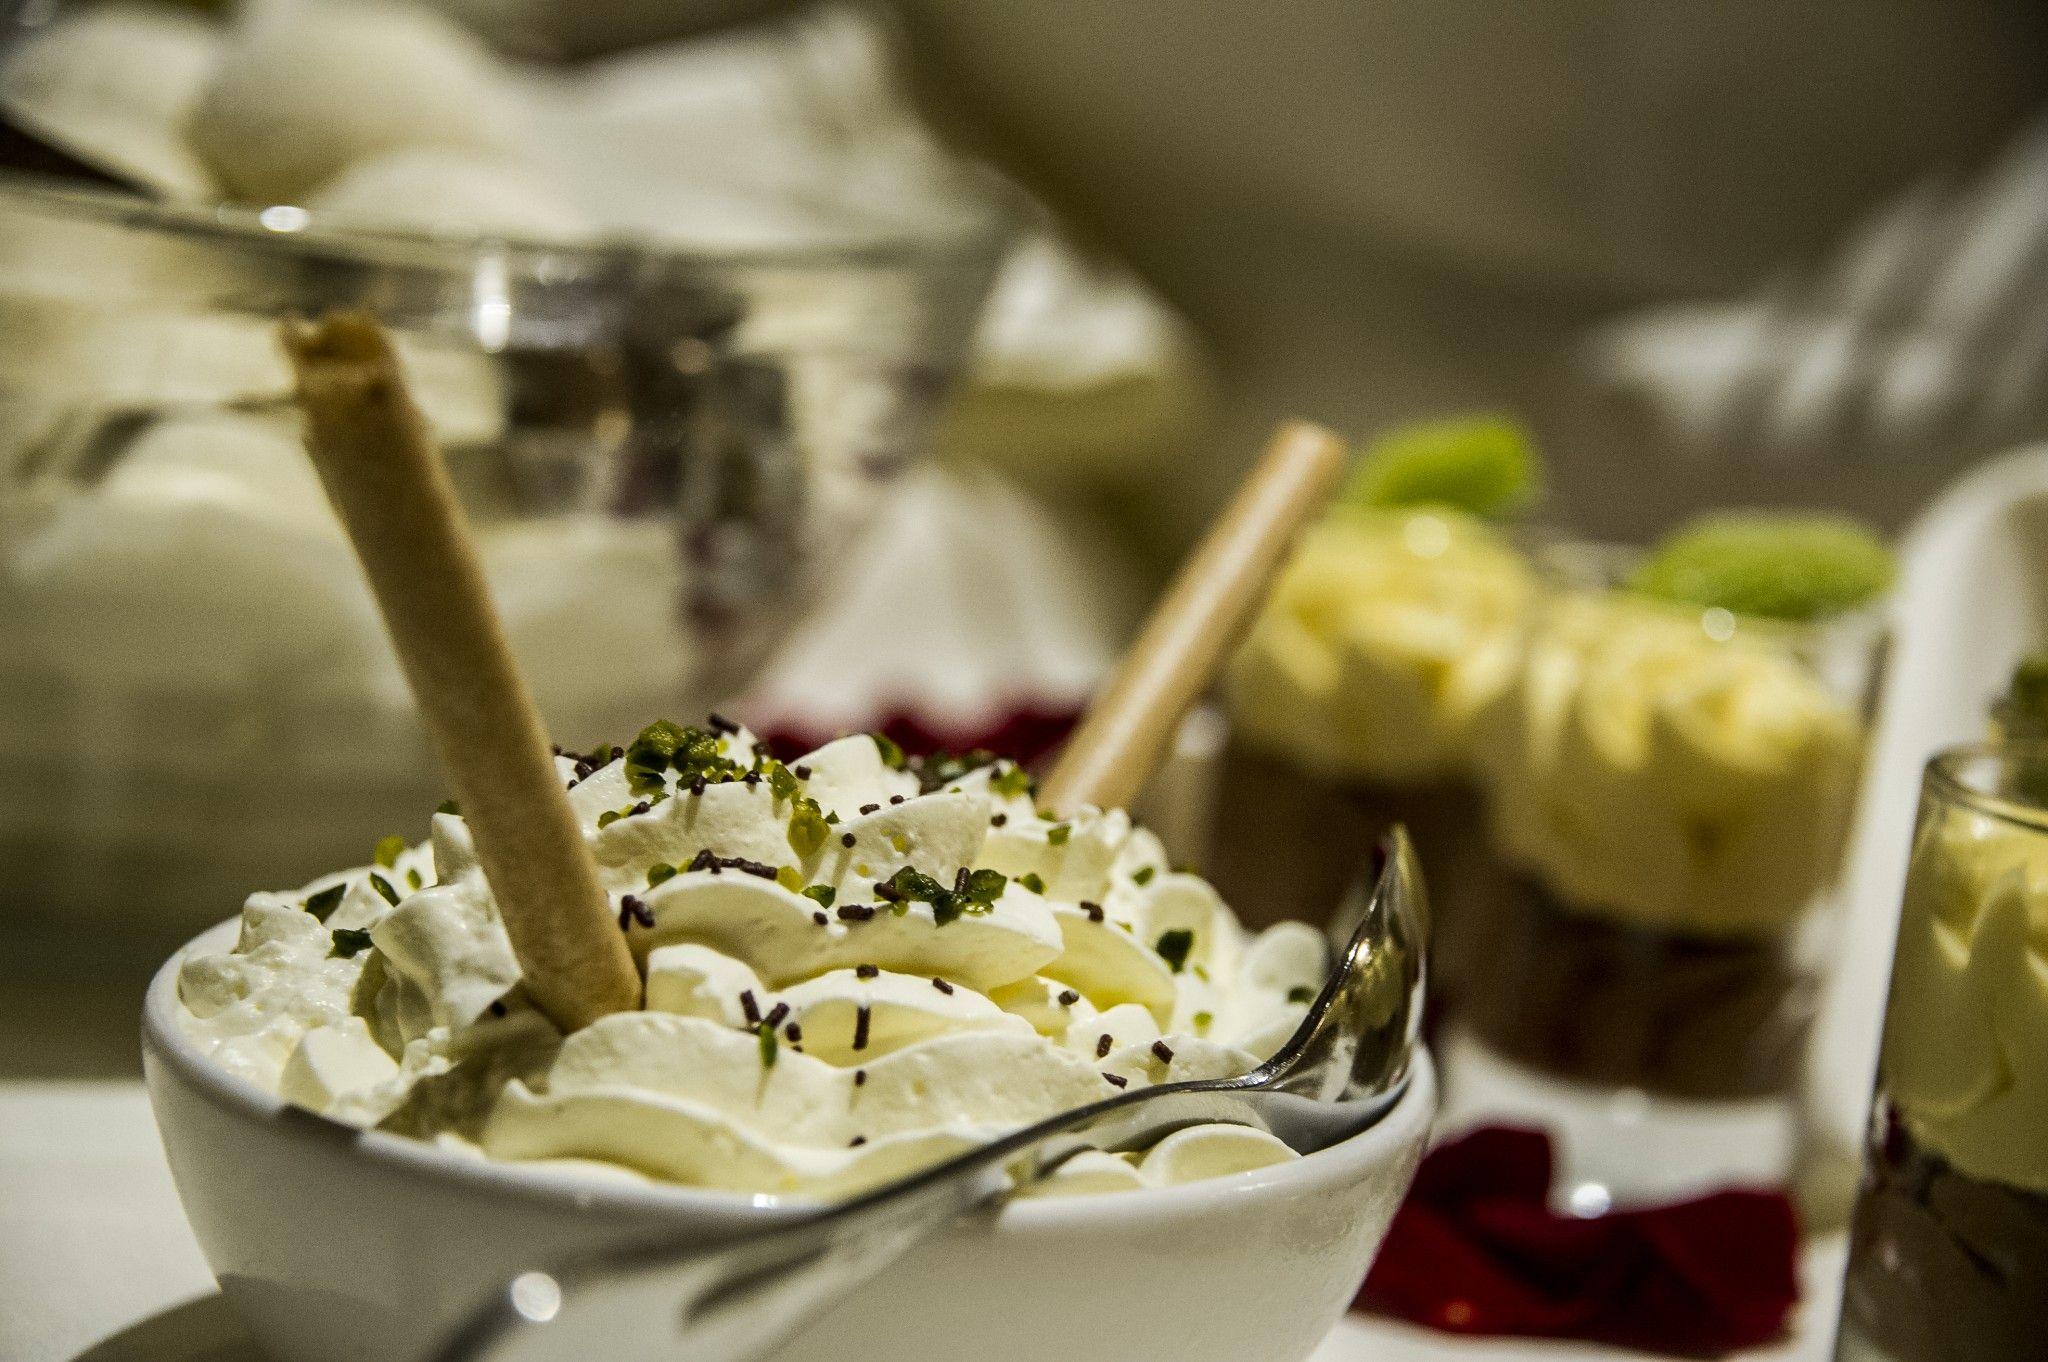 Köstliche Desserts für das Hochzeits-Menu: http://www.utokulm.ch/hochzeiten/hochzeits-menu/ @ UTO KULM Uetliberg